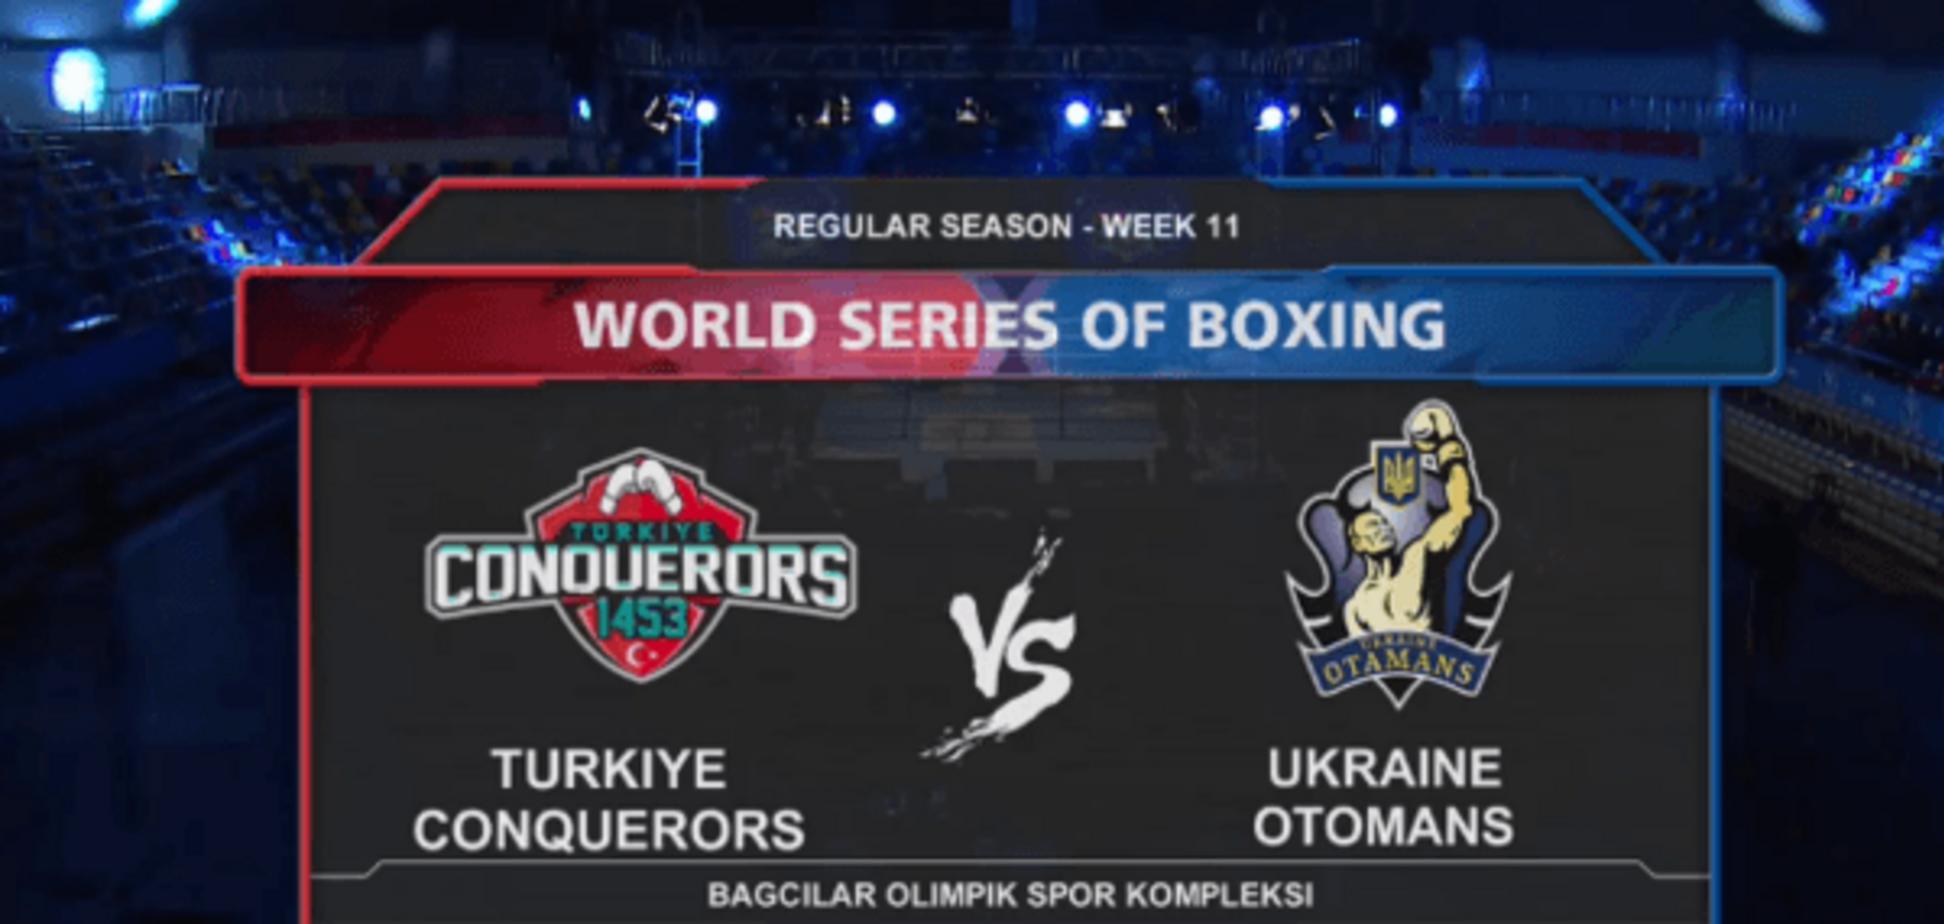 'Українські отамани' вийшли в плей-офф Всесвітньої серії боксу